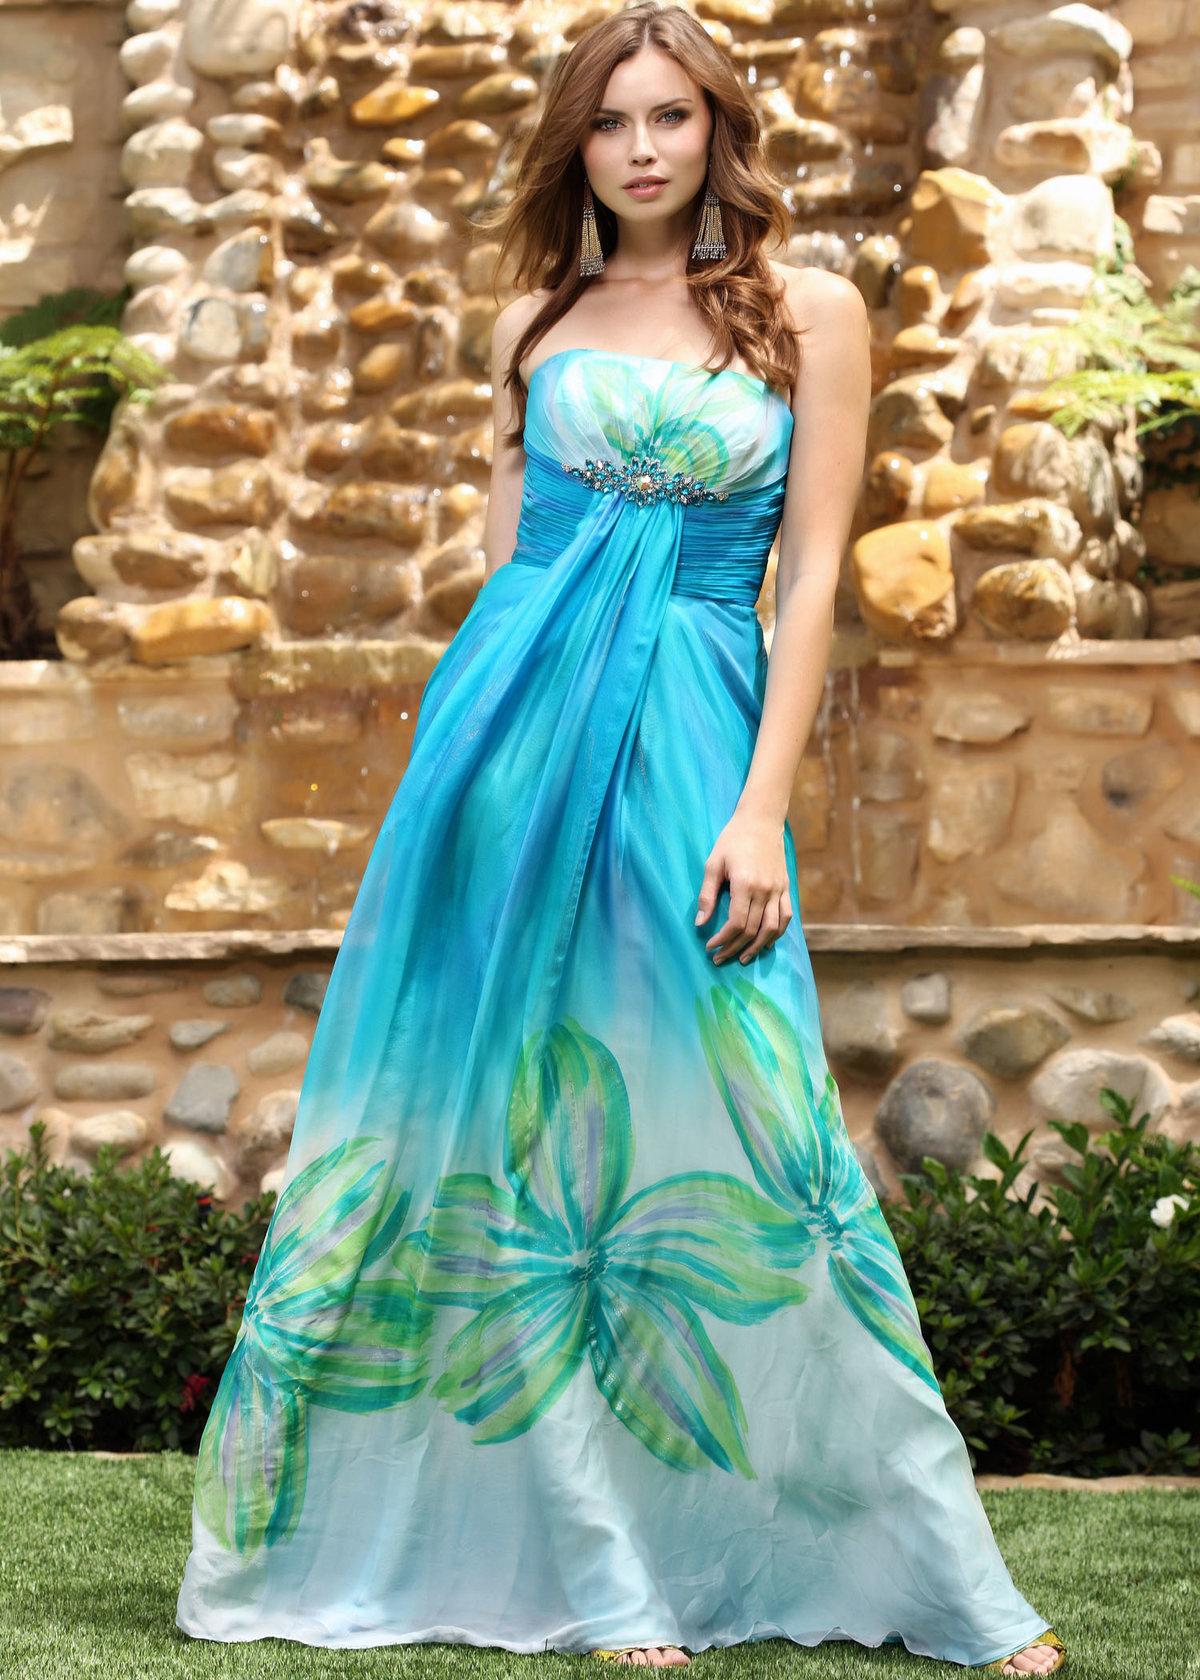 жгуты фото и картинки красивых платьев получаются такими